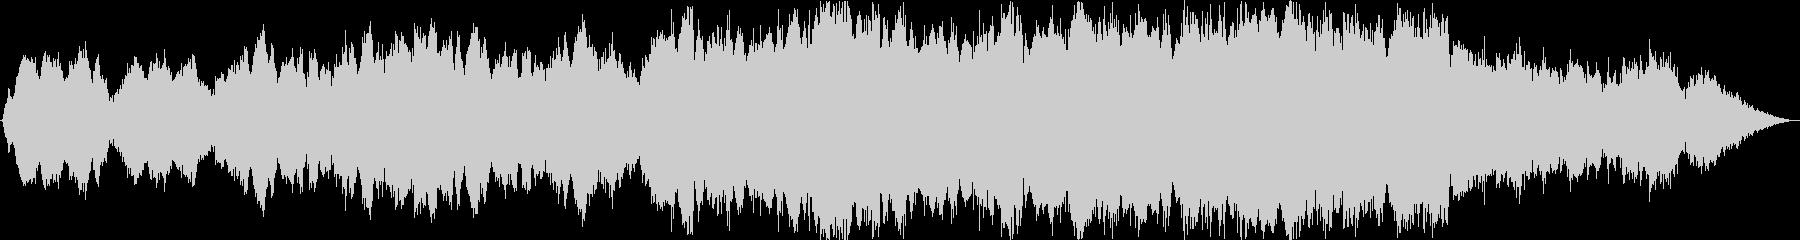 アメイジンググレイス/オペラ,コーラスの未再生の波形